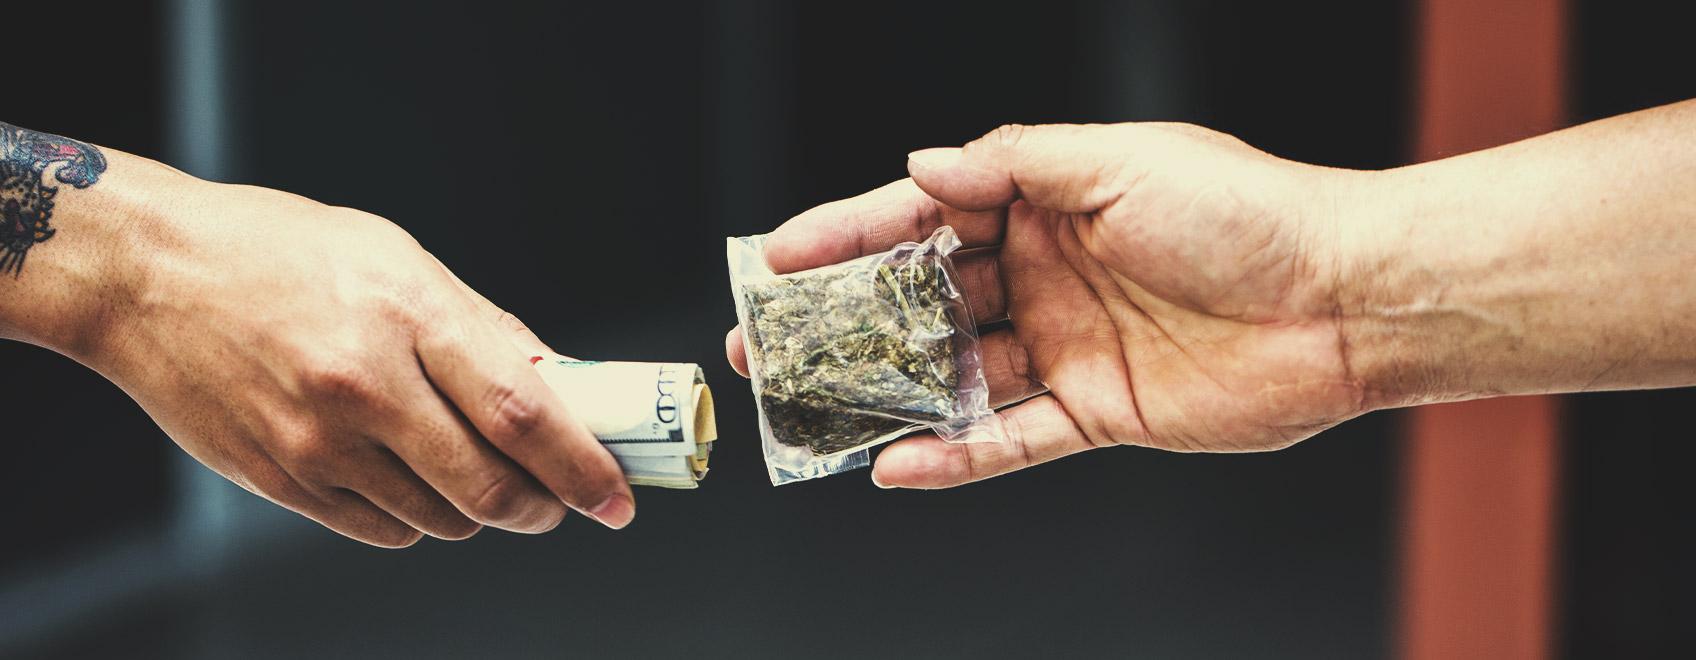 ¿Le importa a la gente la procedencia del cannabis que consume?